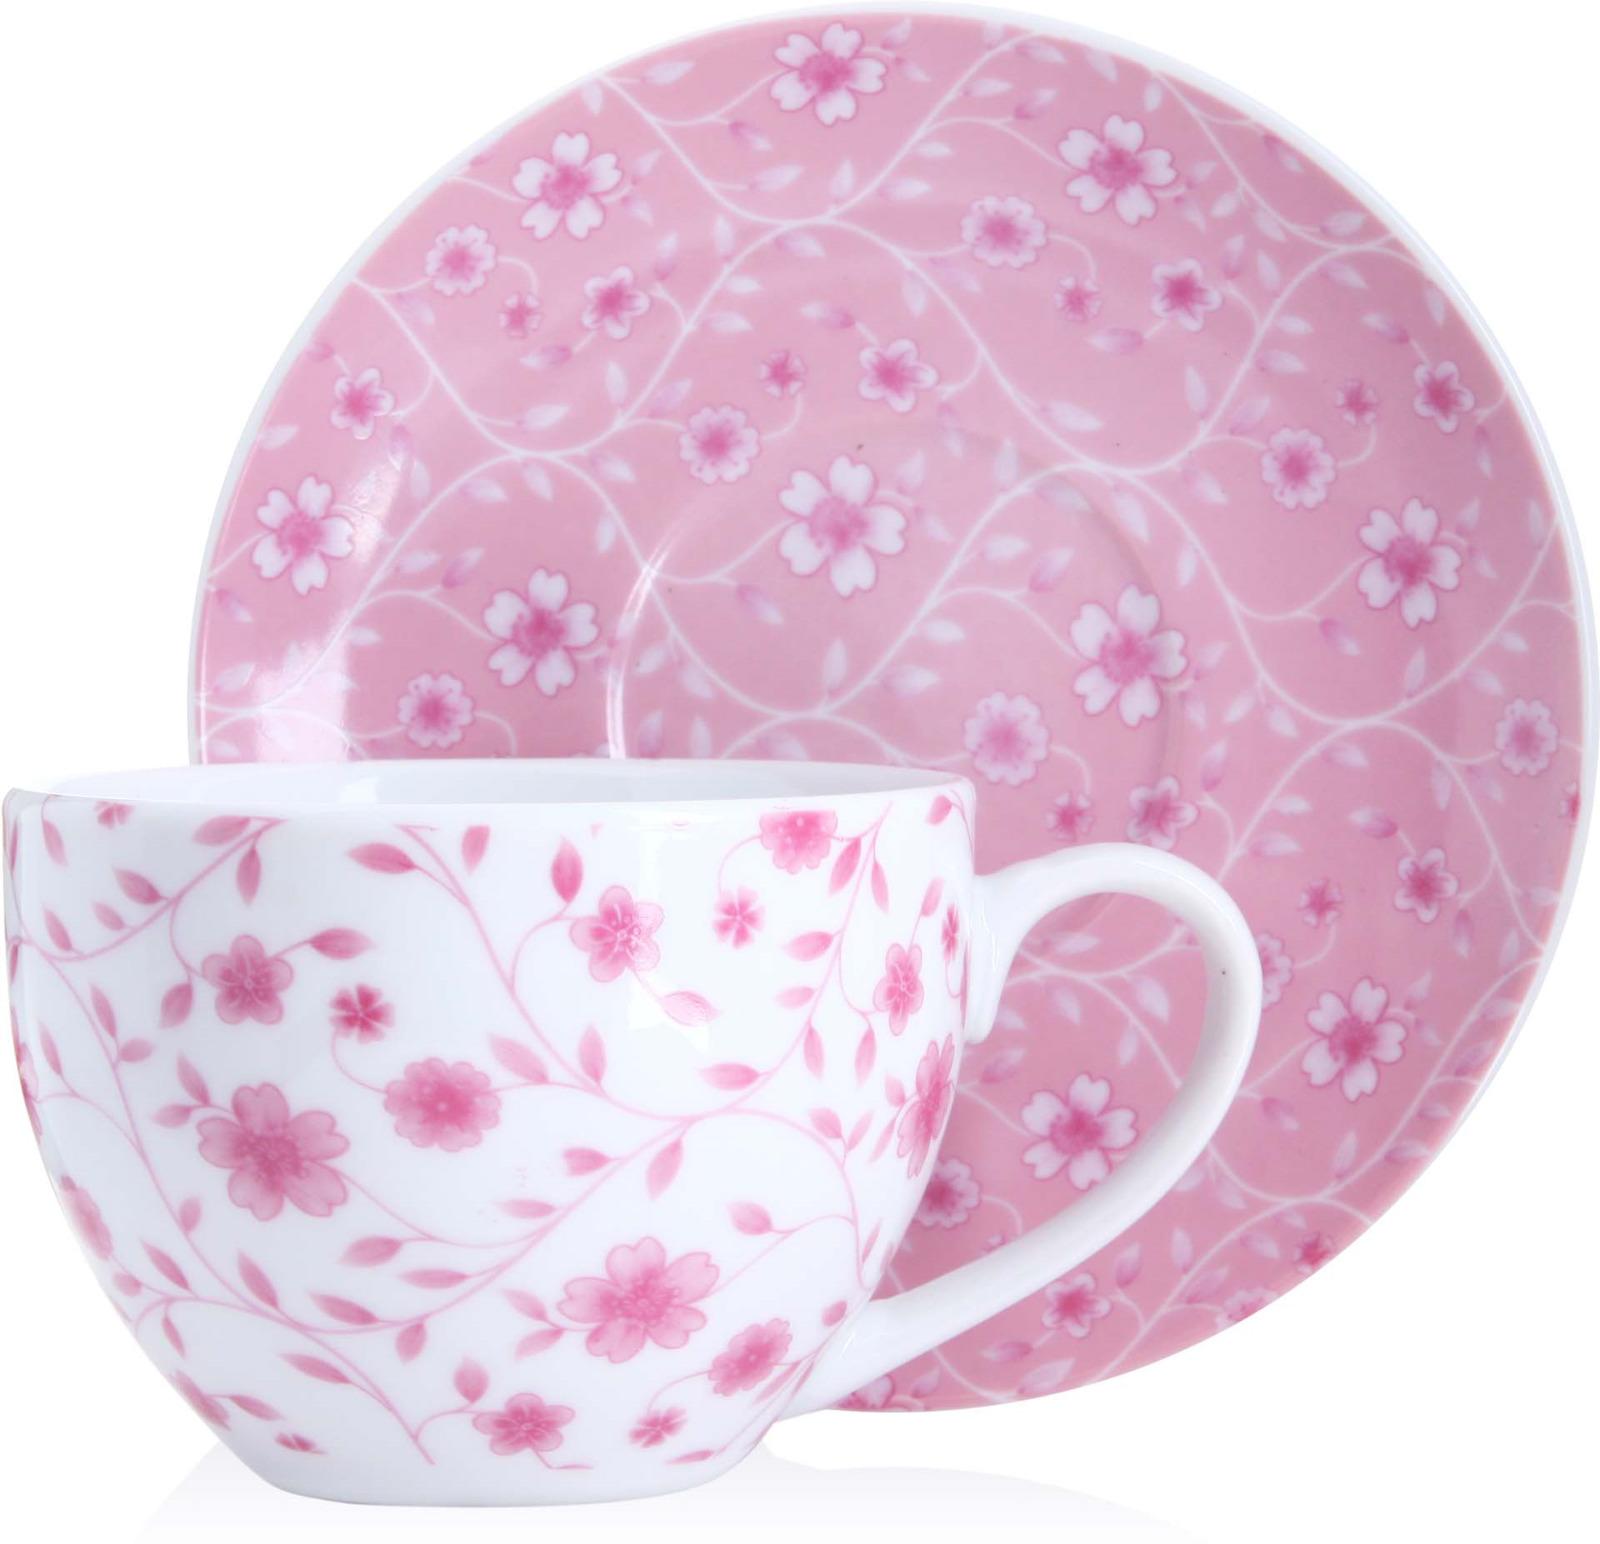 Чайная пара Loraine, цвет: белый, розовый, 220 мл, 2 предмета. у4171 чайная пара loraine 220 мл с узором